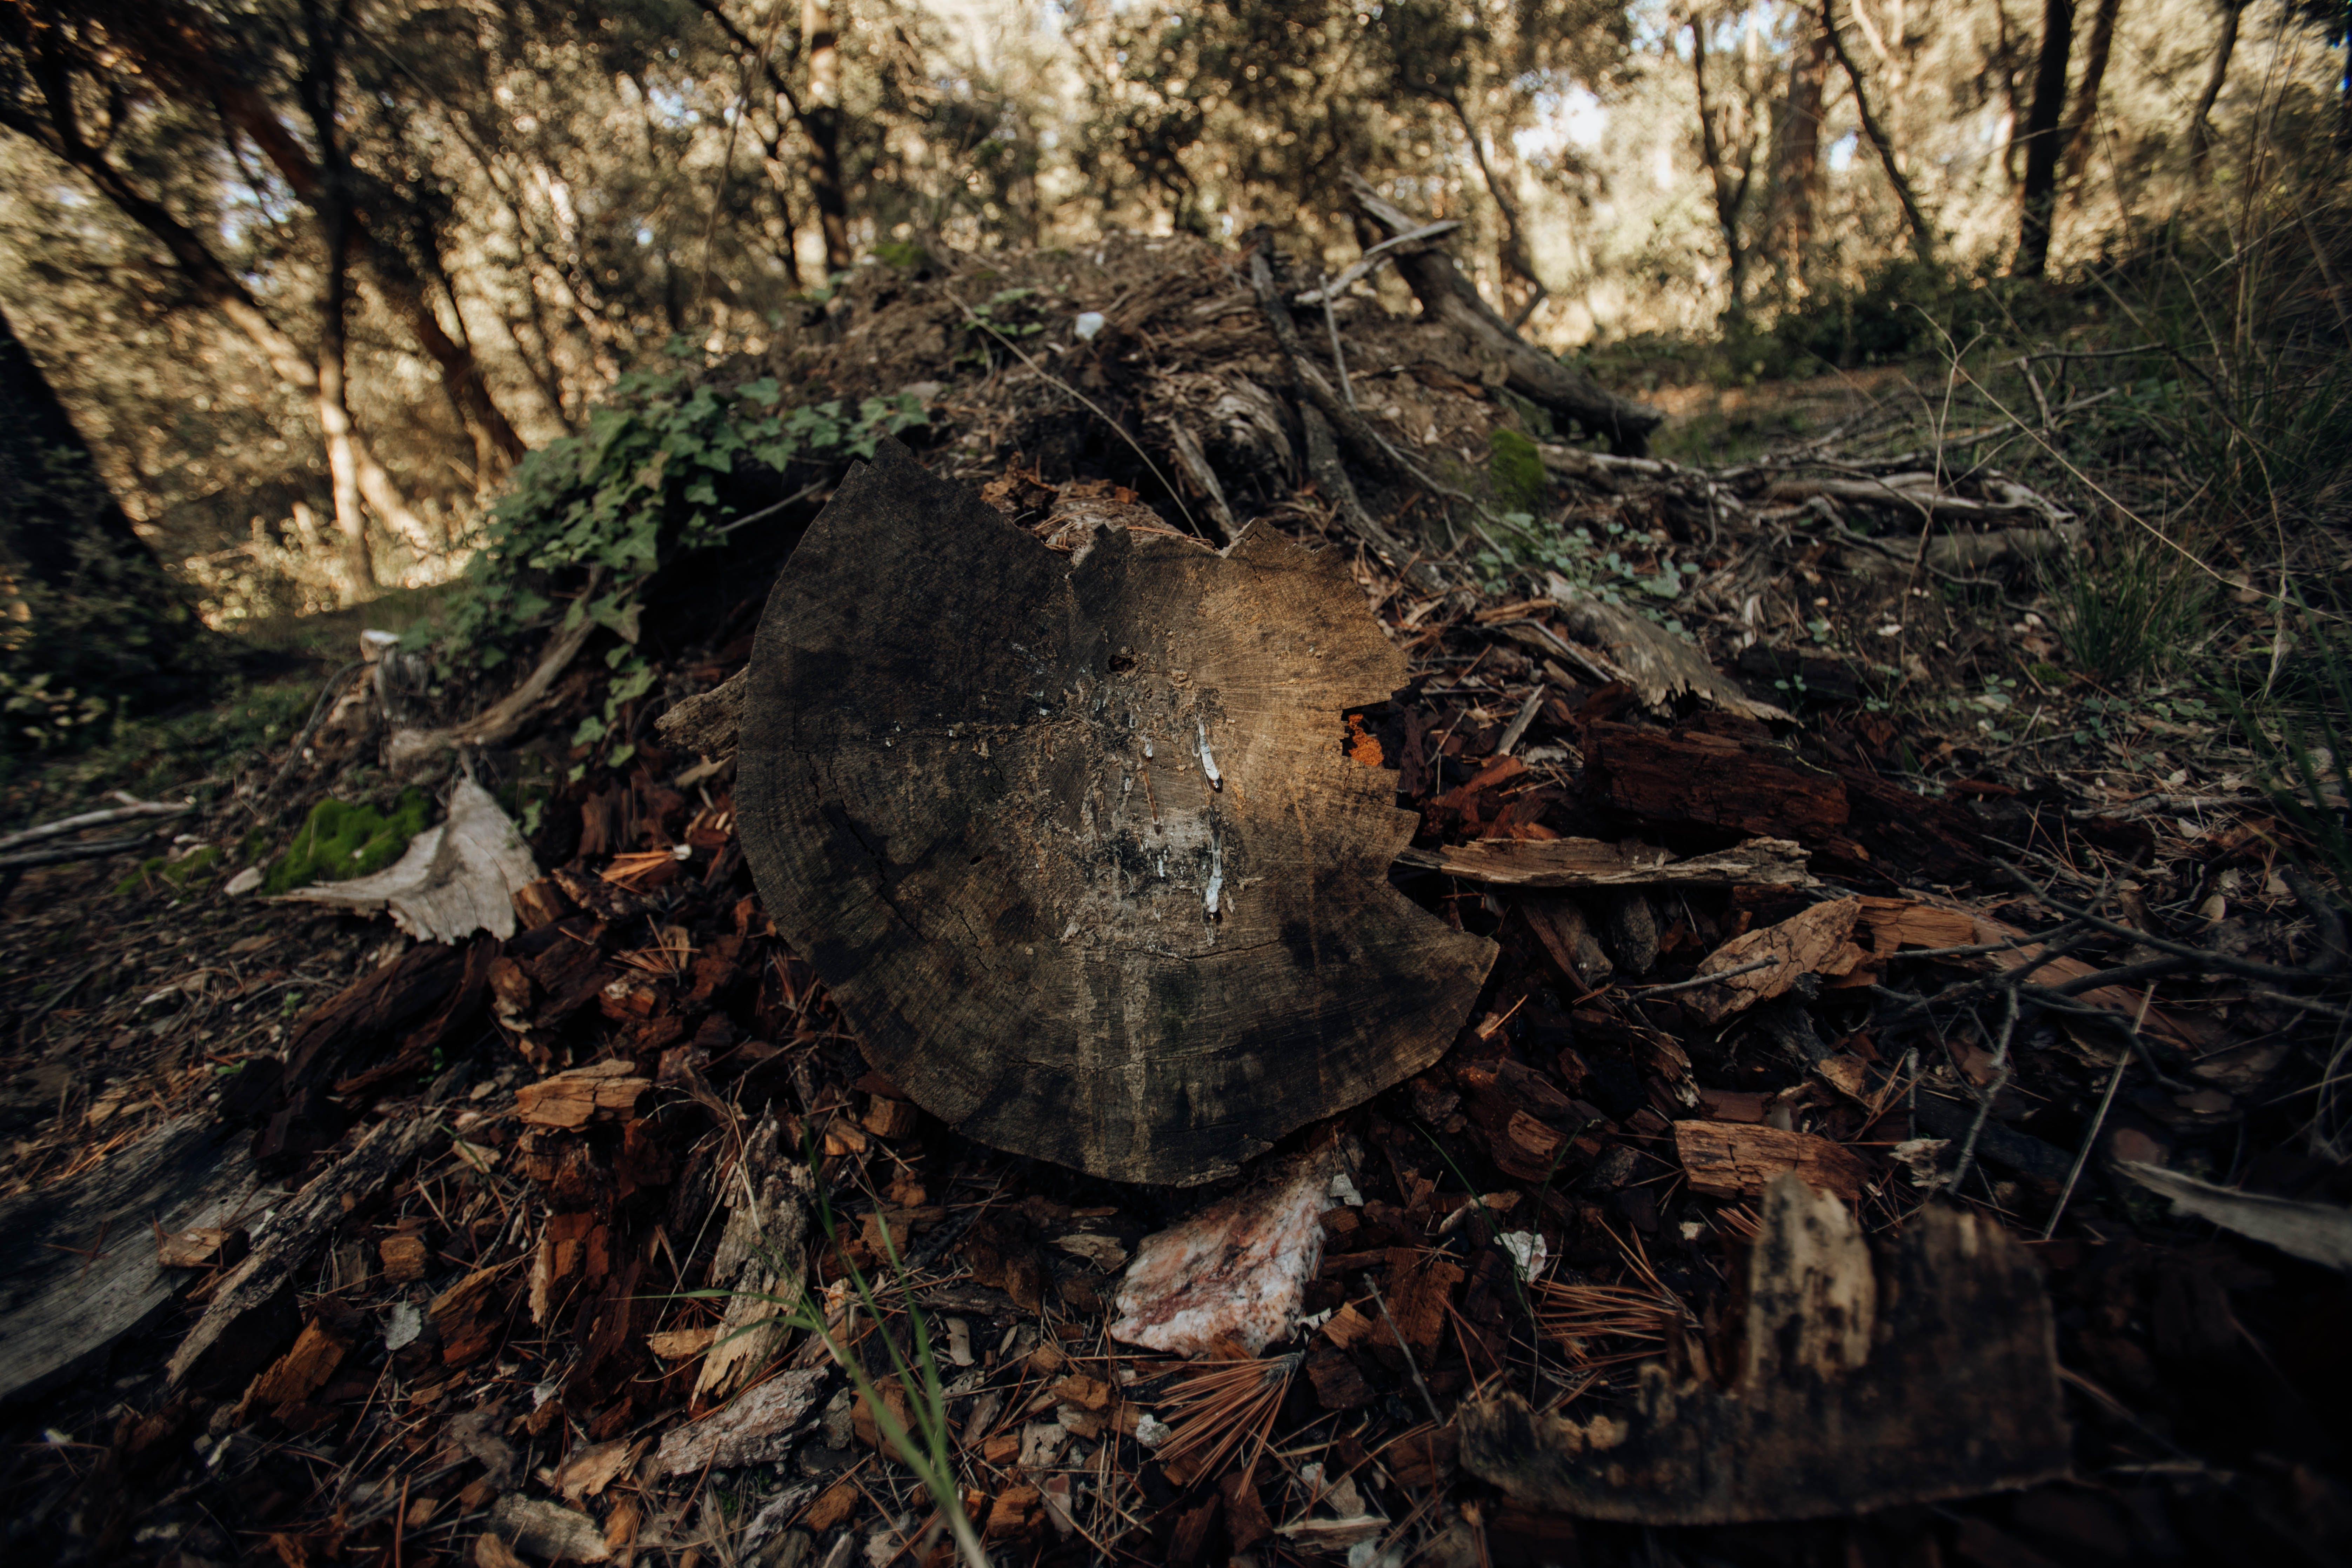 Gratis lagerfoto af græs, hakket træ, land, træ